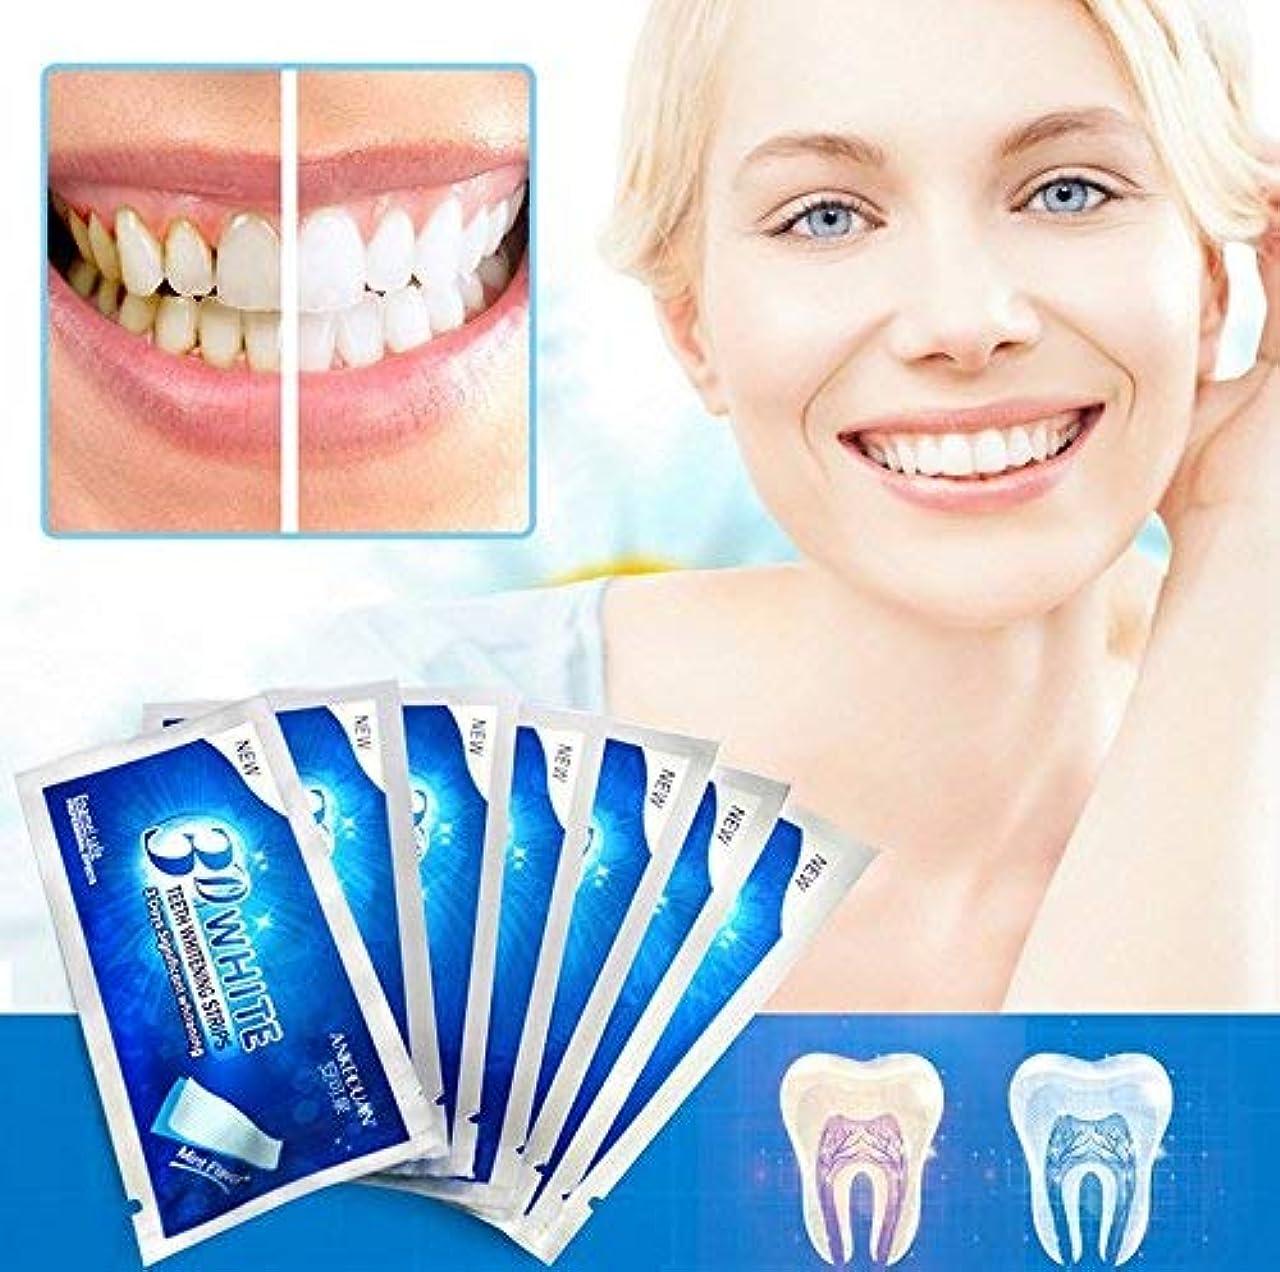 悪意のあるコンプリートモーター歯 美白 歯 ホワイトニング 歯 ケア 歯磨き 歯マニキュア 歯を白 (14)